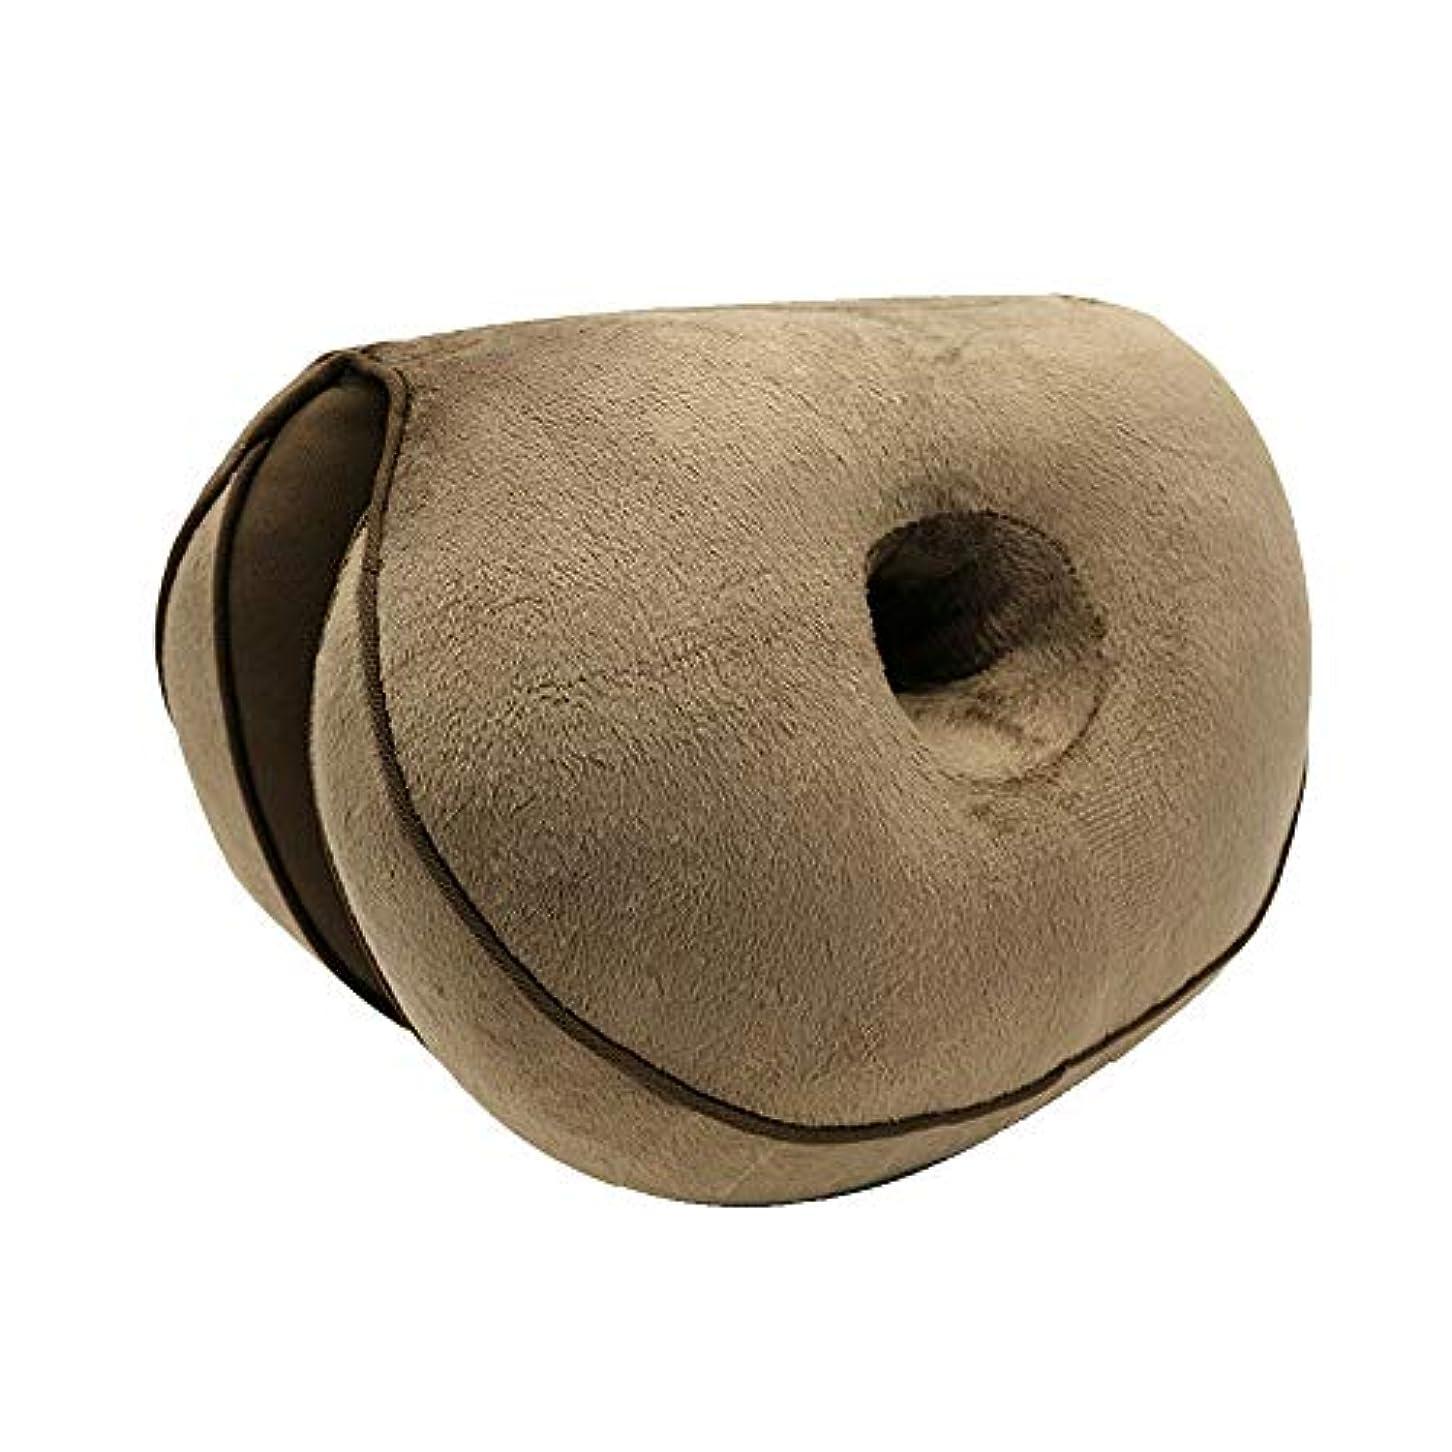 フルーツ文言画家LIFE 新デュアルシートクッション低反発ラテックスオフィスチェアバックシートクッション快適な臀部マットパッド枕旅行枕女性女の子 クッション 椅子